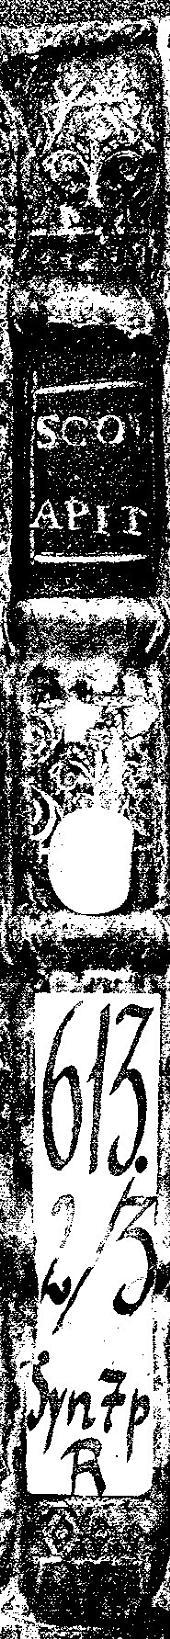 Schola Apitiana, ex optimis quibusdam authoribus diligenter ac nouiter constructa: Accessere Dialogi aliquot D. Erasmi Roterdami & alia qu[a]eda[m] lectu iucundissima